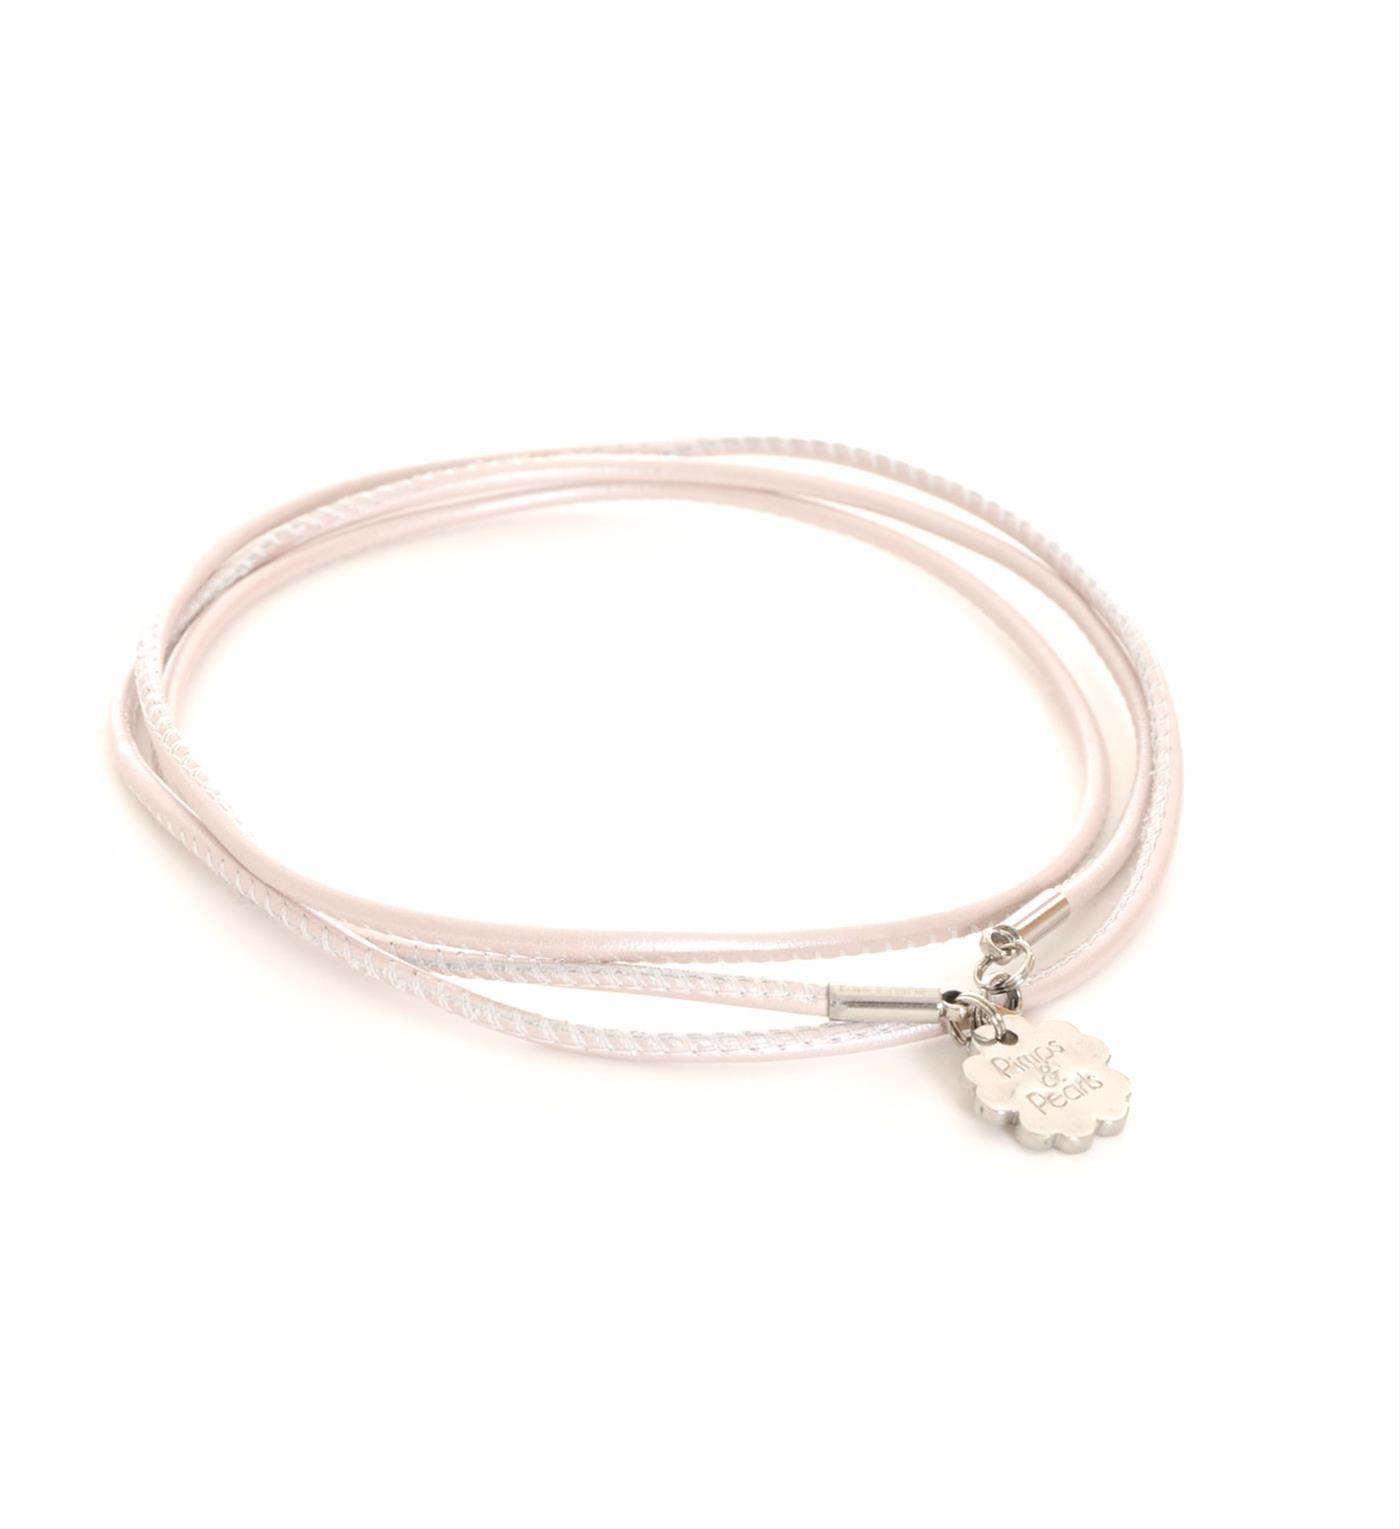 Pimps & Pearls handgemaakte leren ketting model Rocks 2. Deze ketting is zowel lang als kort te dragen. Ivoor - NummerZestien.eu